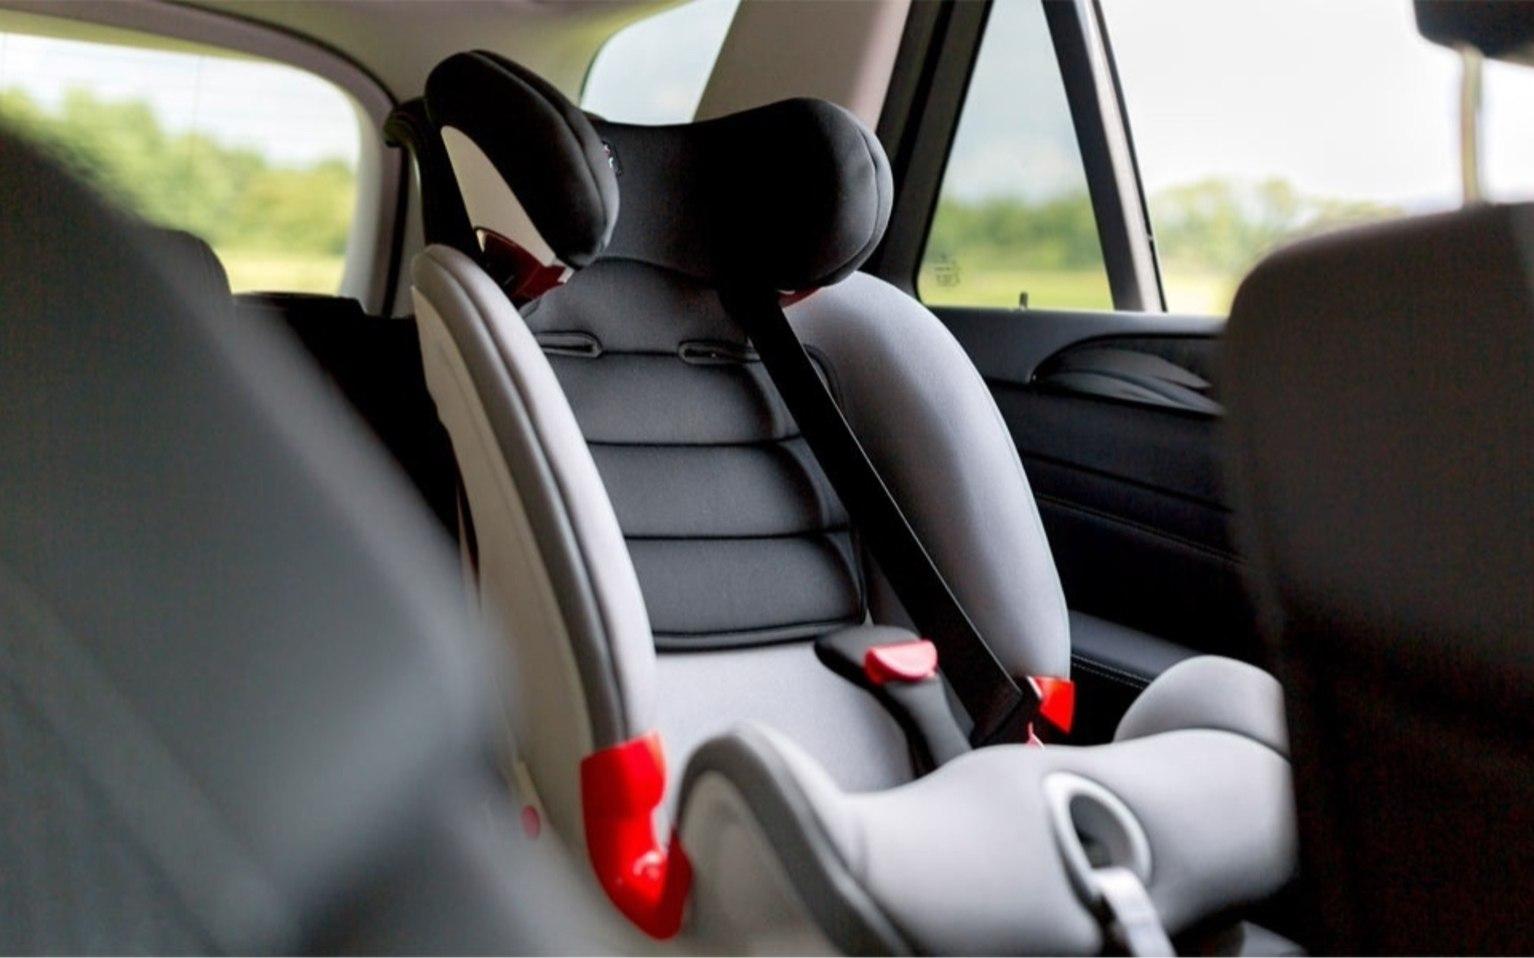 """Водители должны позаботиться об автокресле для пассажиров в возрасте до 7 лет включительно. Если ребенок сидит спереди, то кресла и удерживающие системы необходимы до 11 лет включительно<img id=""""hola-icon-globe"""" src=""""safari-extension://999CAFC1-6441-4413-BD87-B358EE39AA24/4438d6e7/iconGlobeBlack.png"""" style=""""top: 94px; left: 607px;"""" />"""